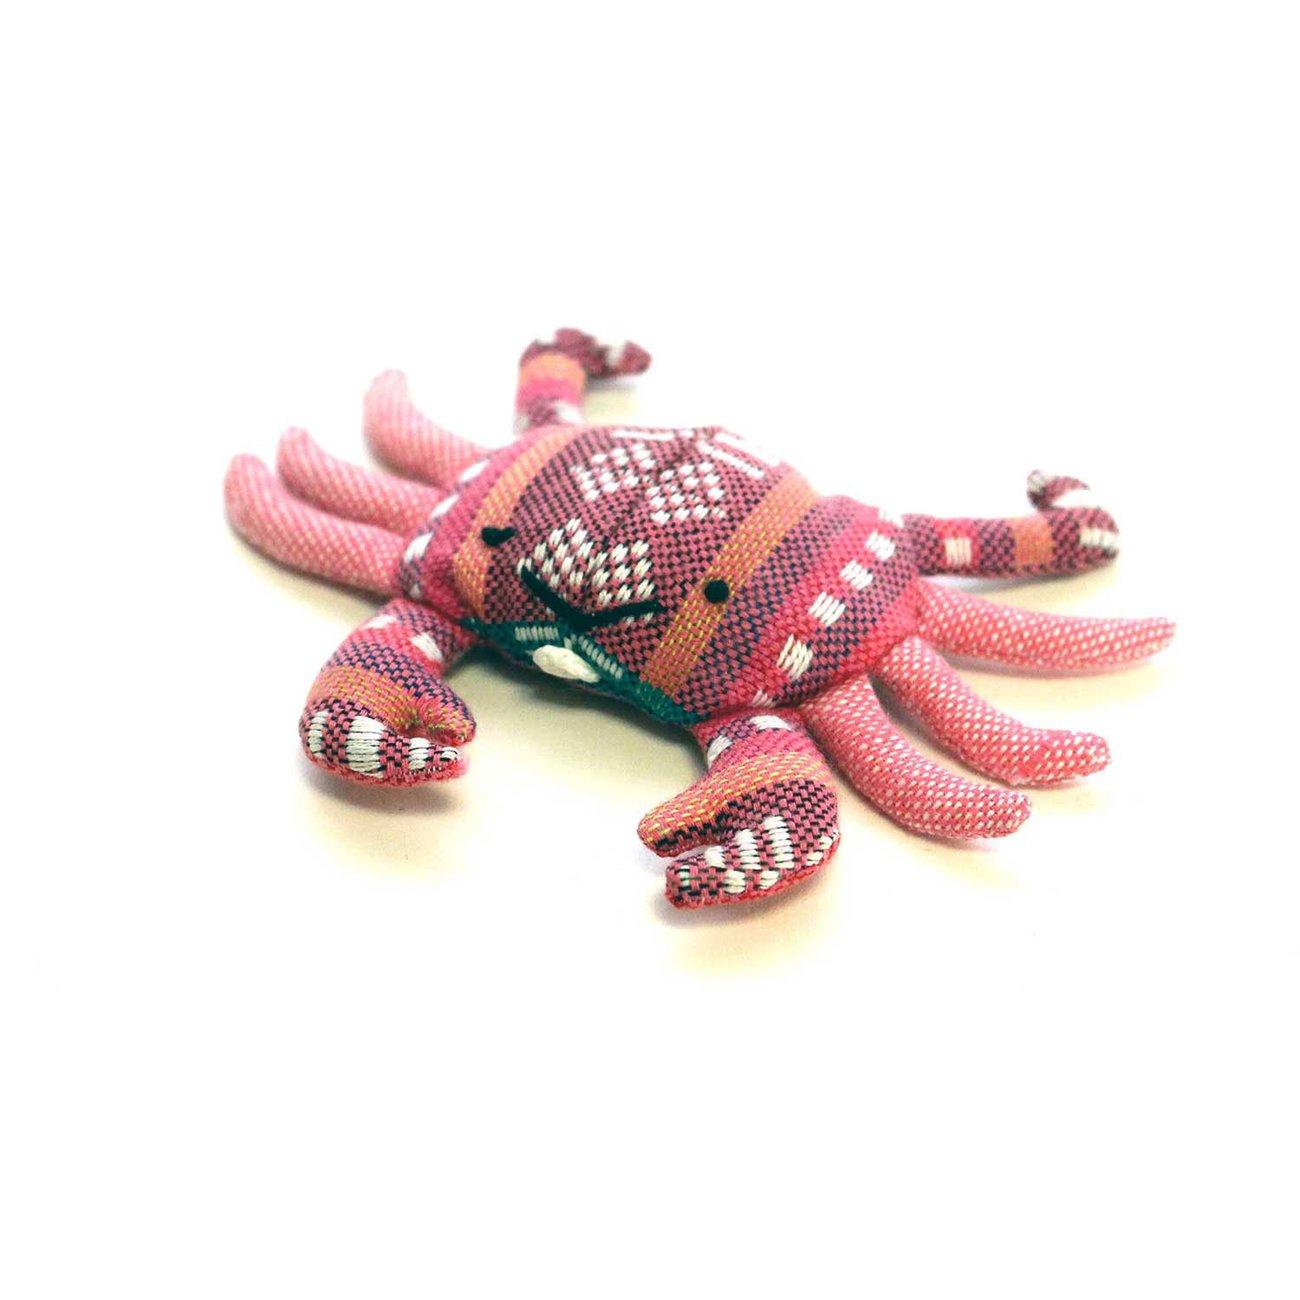 Wolters Katzenspass Spielzeug mit Baldrian, Krabbe